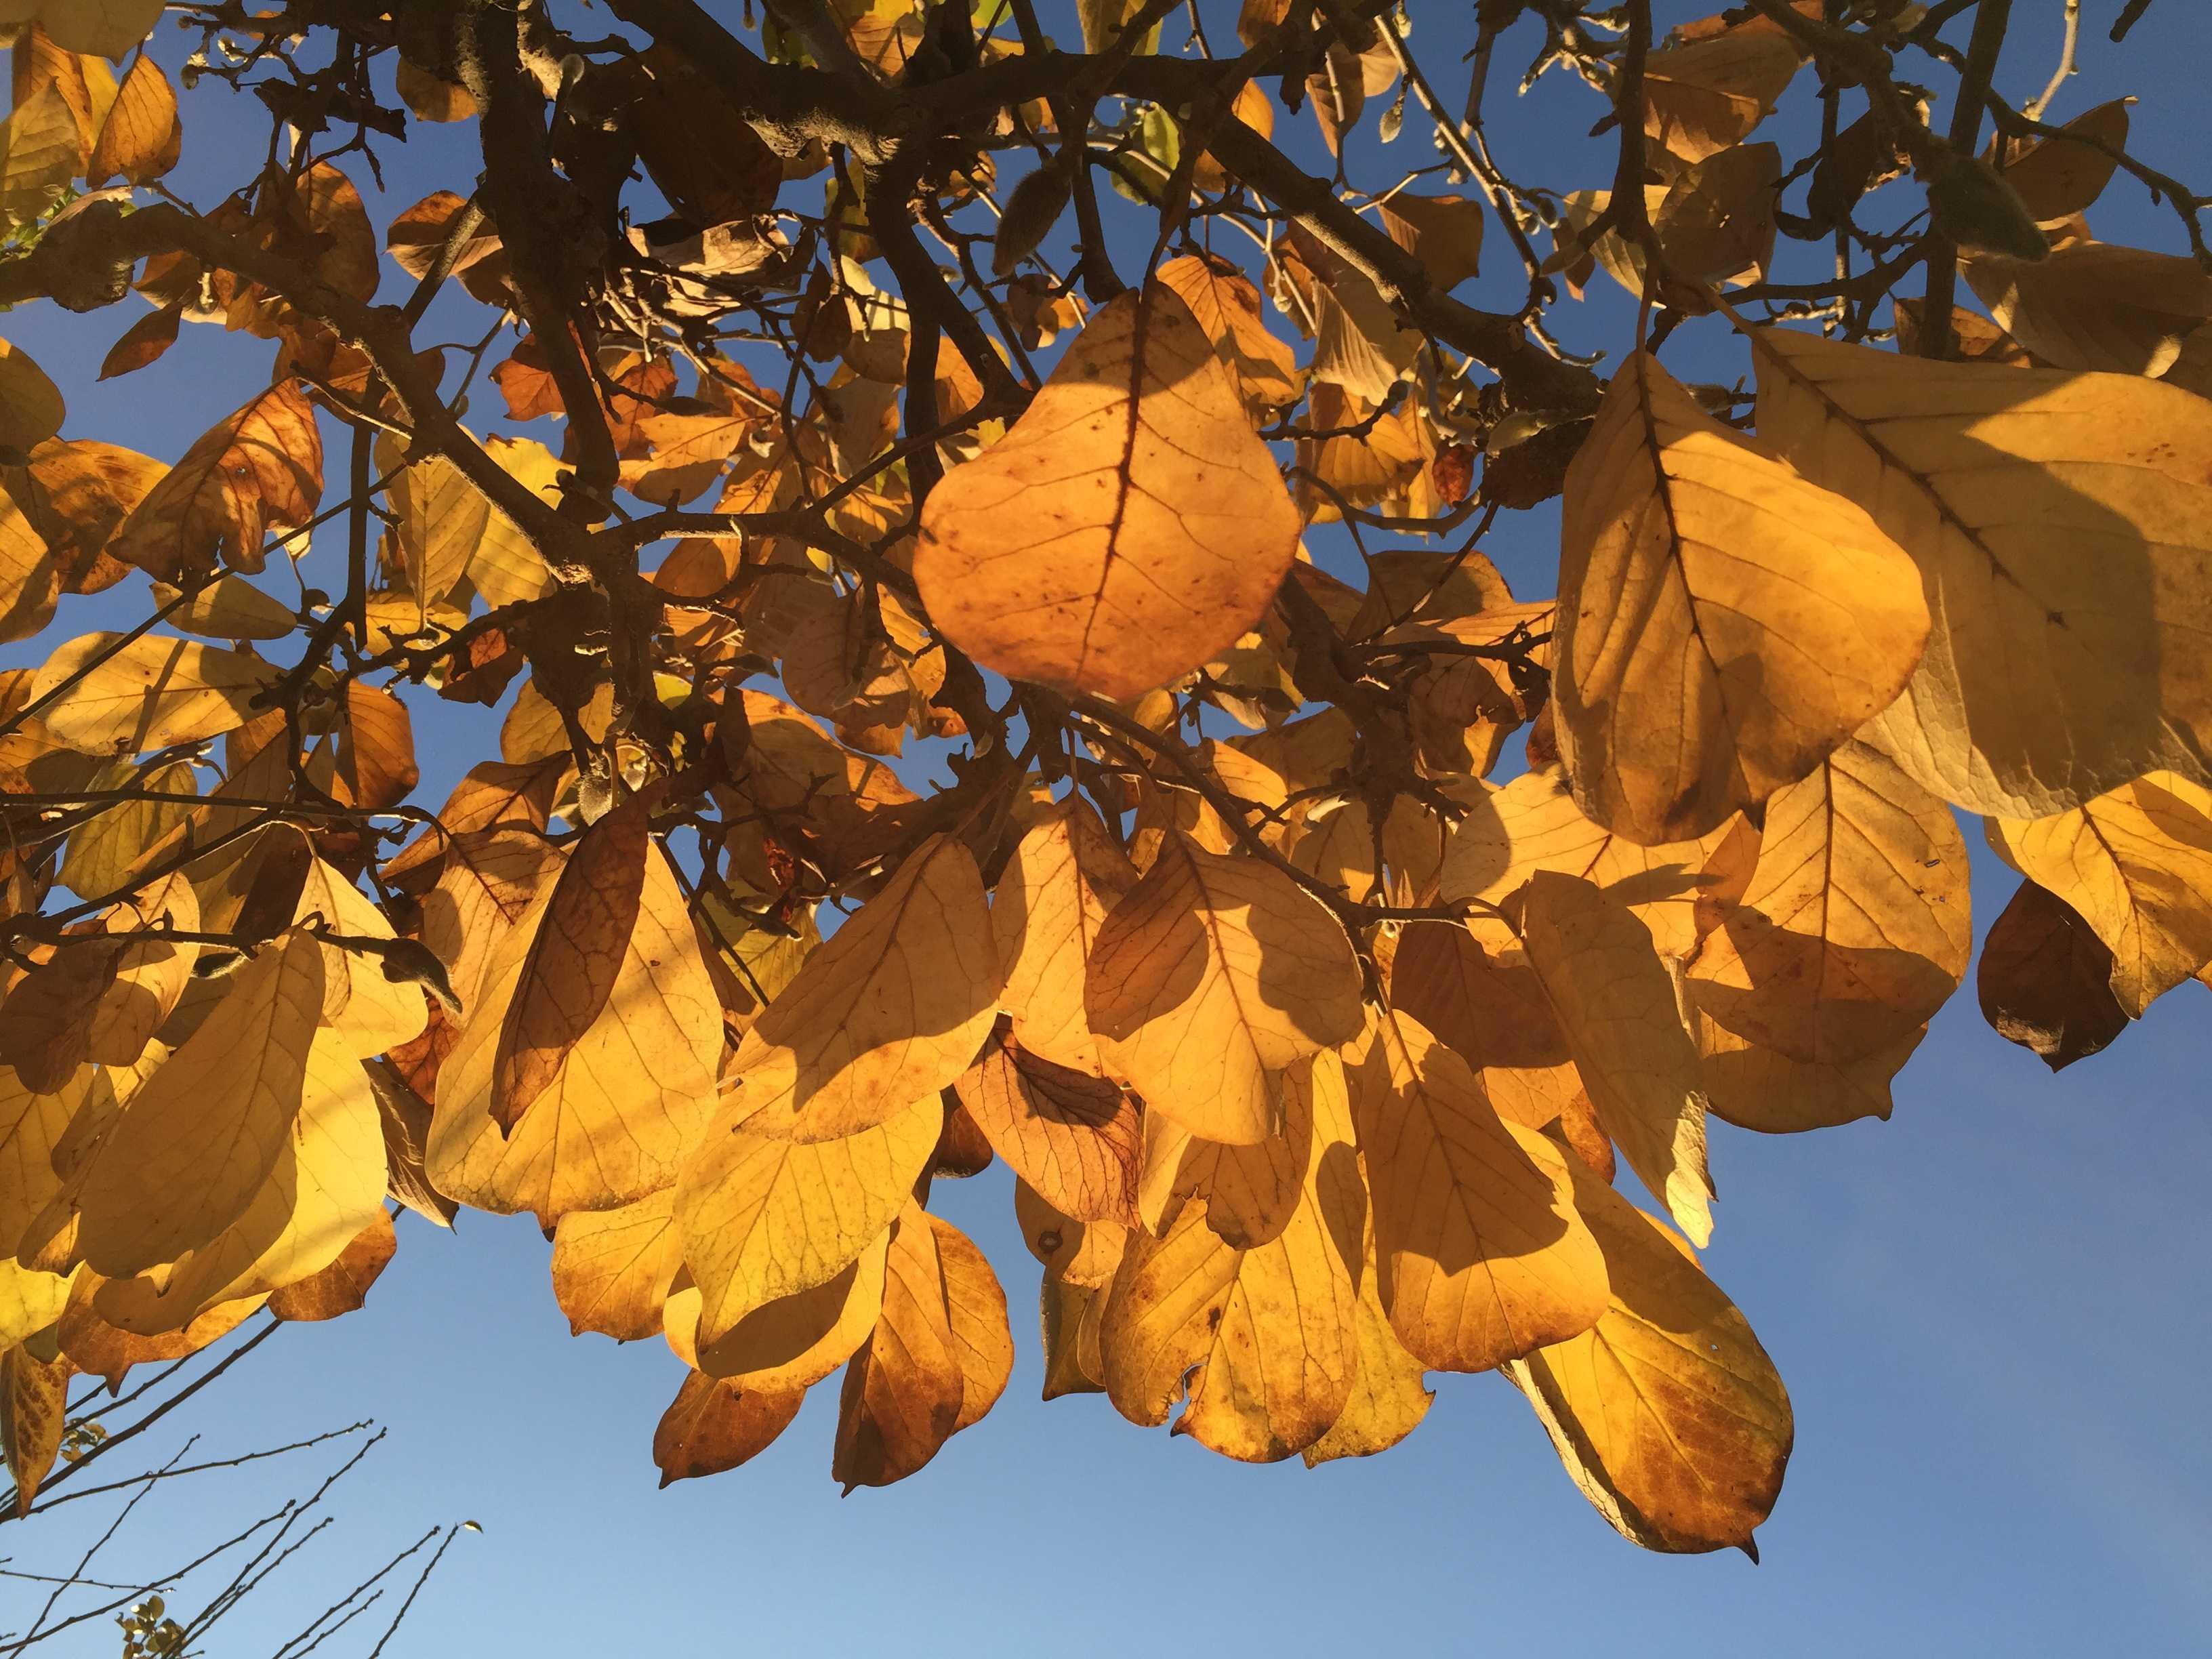 夕陽に輝く黄葉した葉っぱ